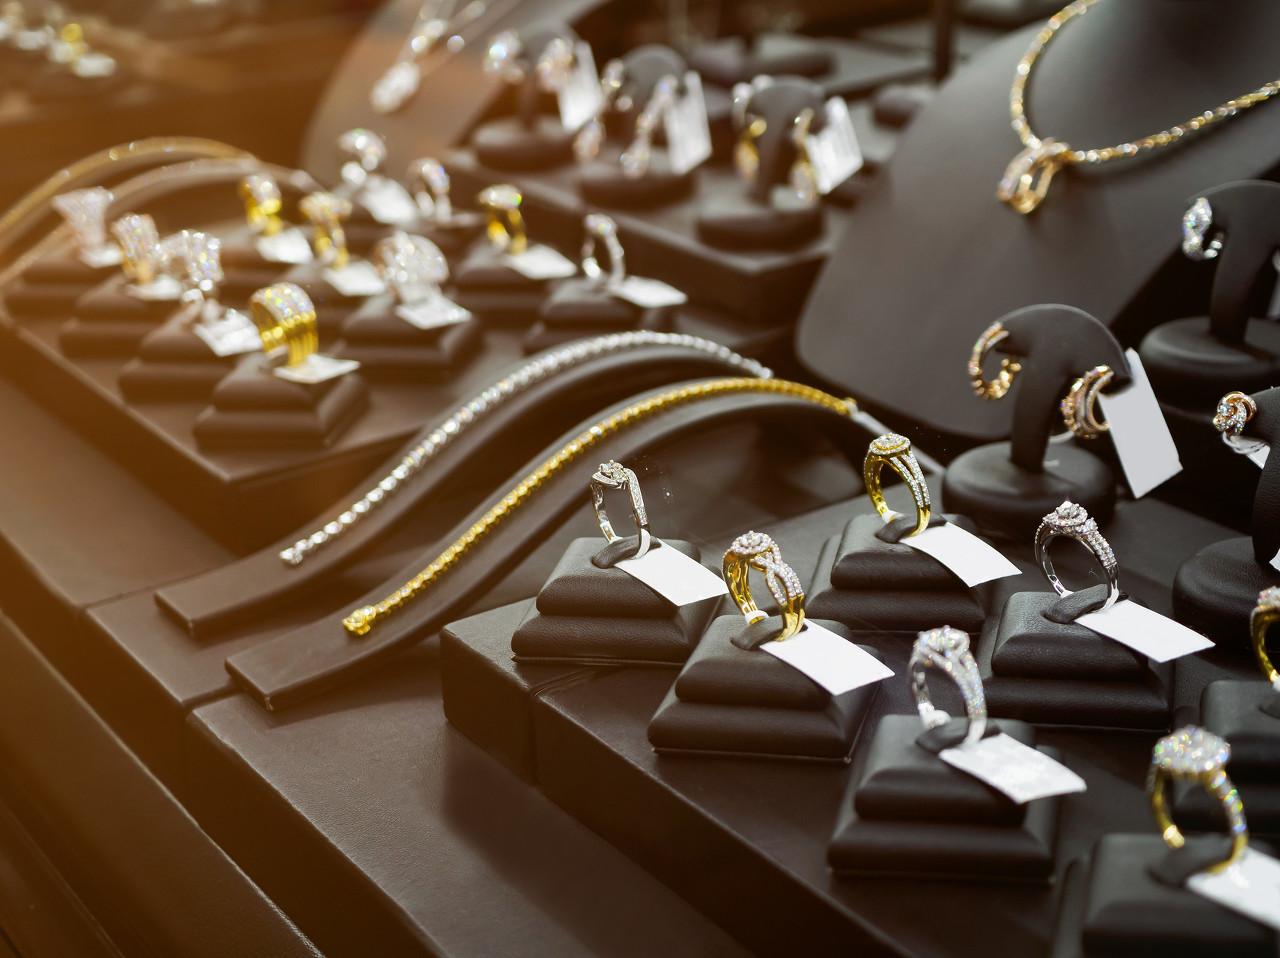 卡地亚推出新一季高级奢侈珠宝作品:Sur Naturel(超自然)